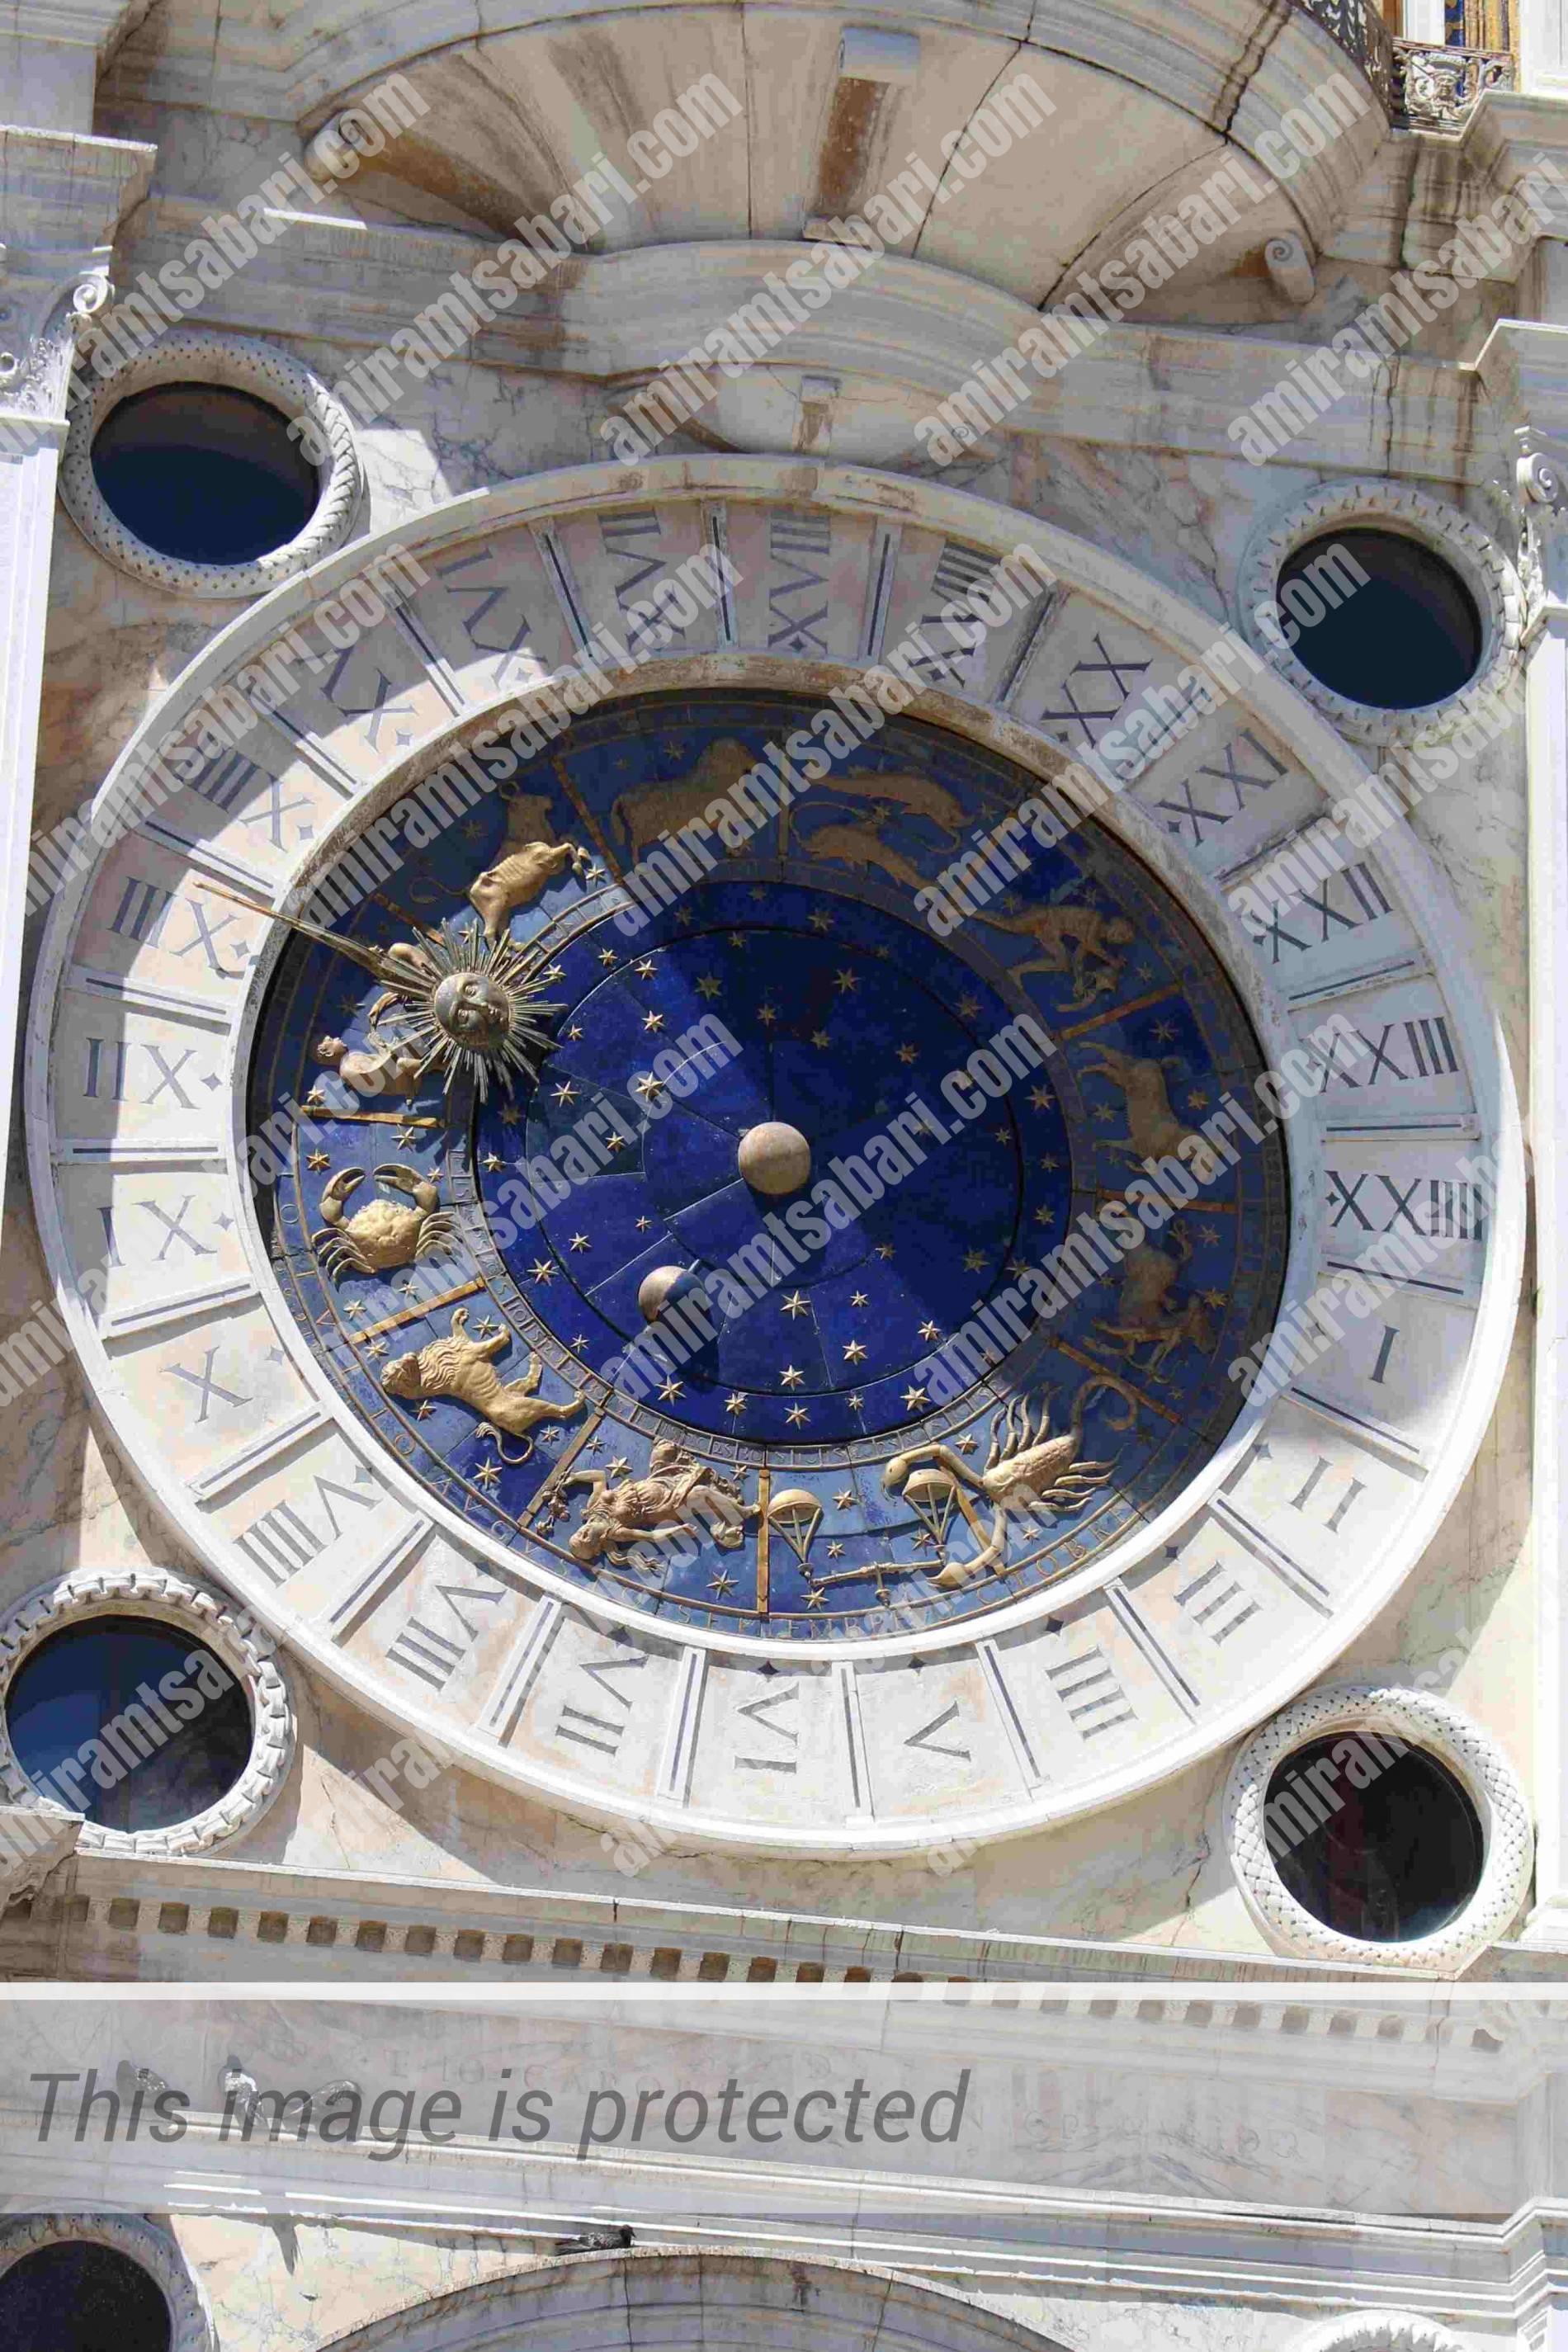 השעון מציג את השעה מופע הירח, והמזל הדומיננטי על גלגל המזלות